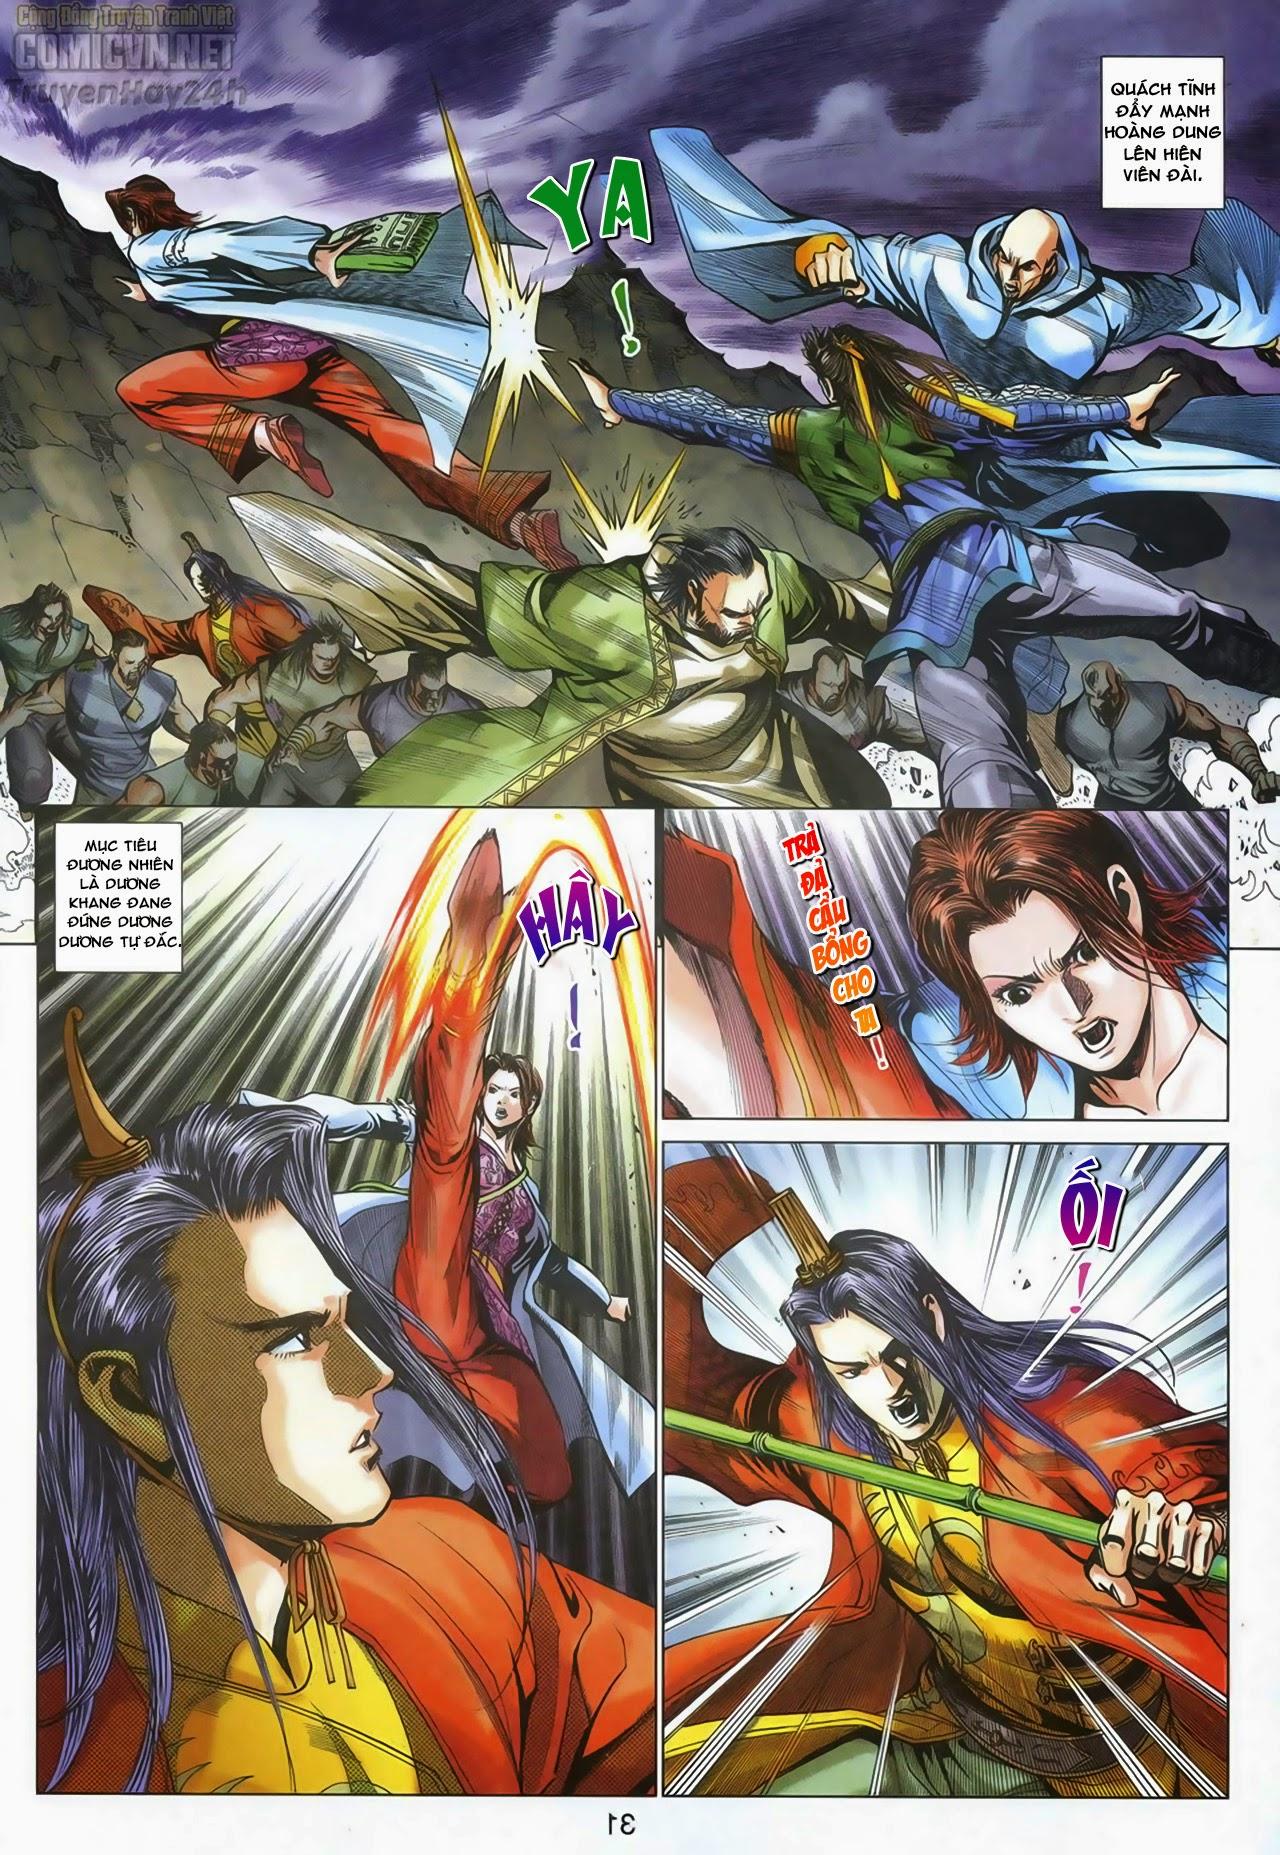 Anh Hùng Xạ Điêu anh hùng xạ đêu chap 67: quyết chiến hiên viên đài trang 30